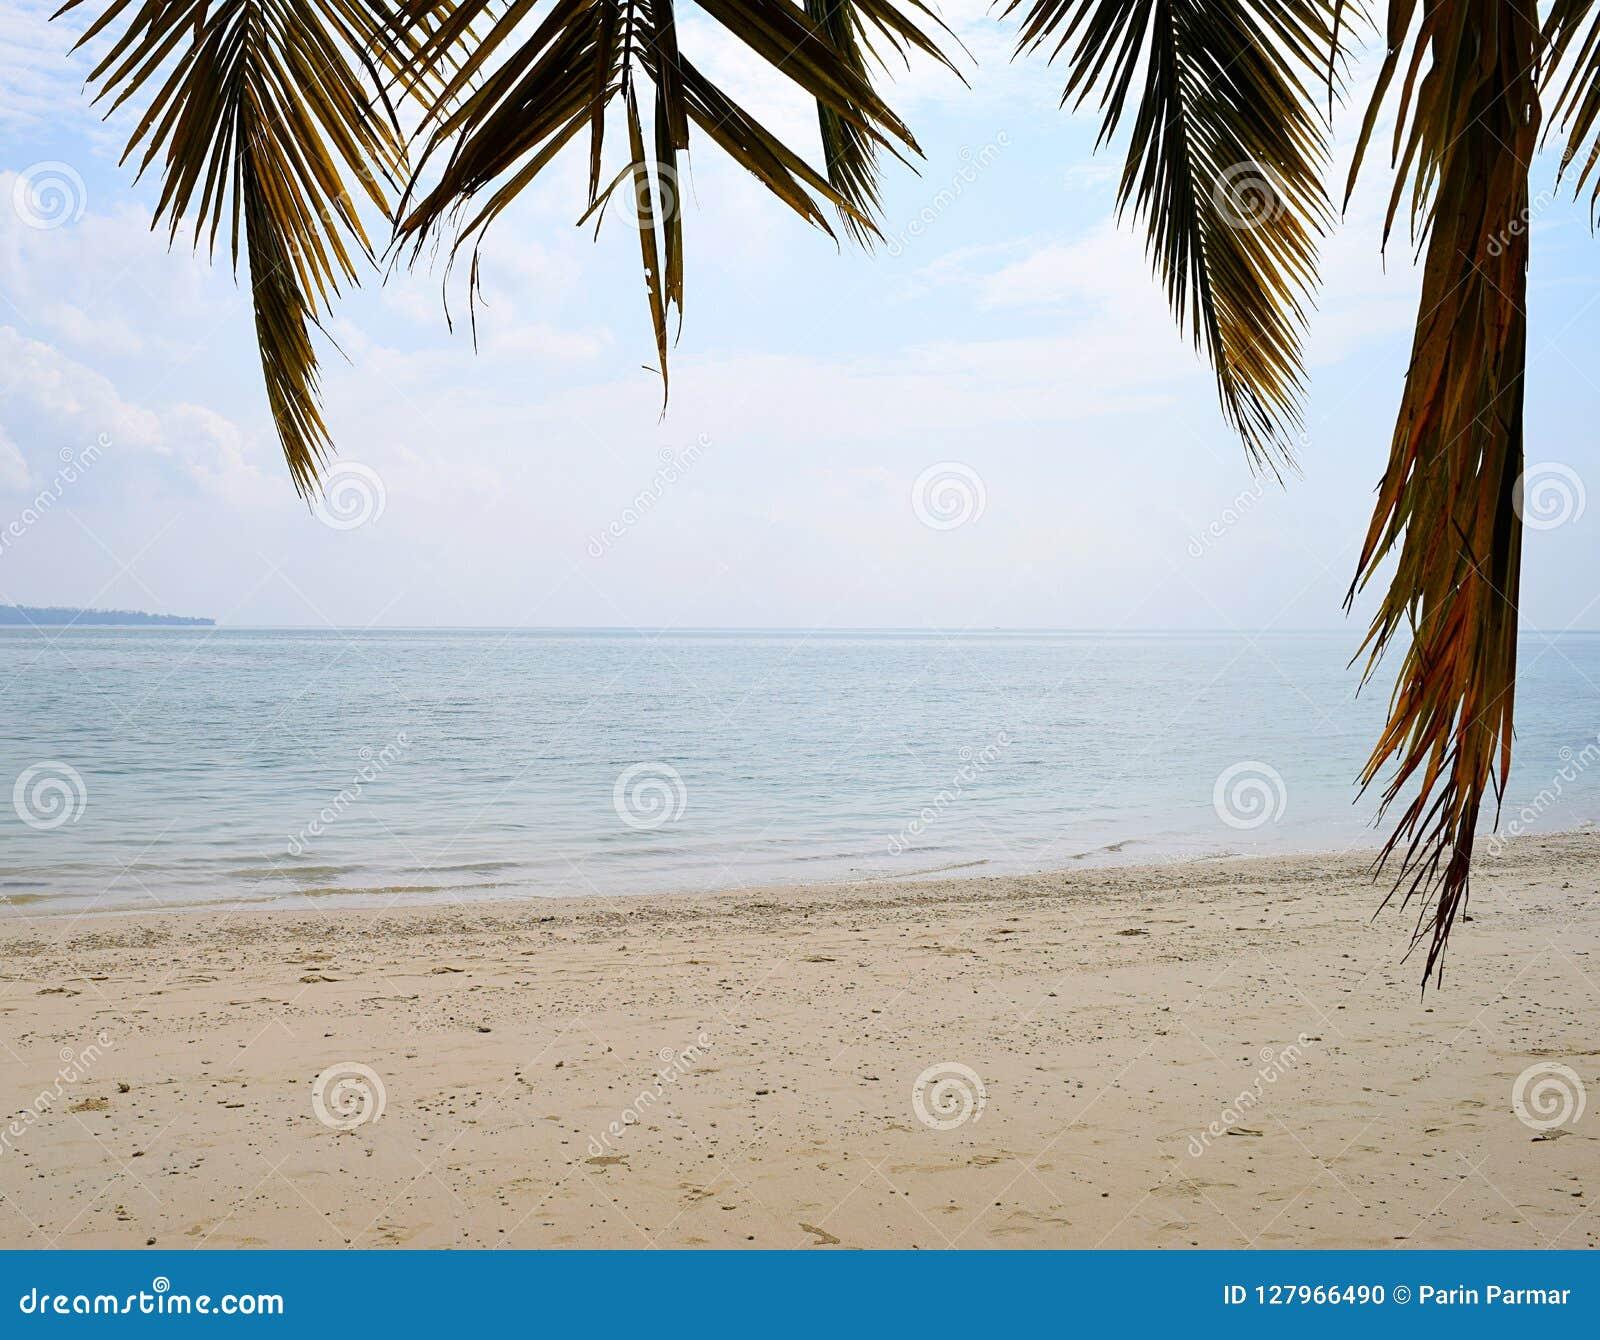 Spokojna i Nieskazitelna Piaskowata plaża z Spokojną wodą morską z palma liśćmi w przedpolu - Naturalny tło